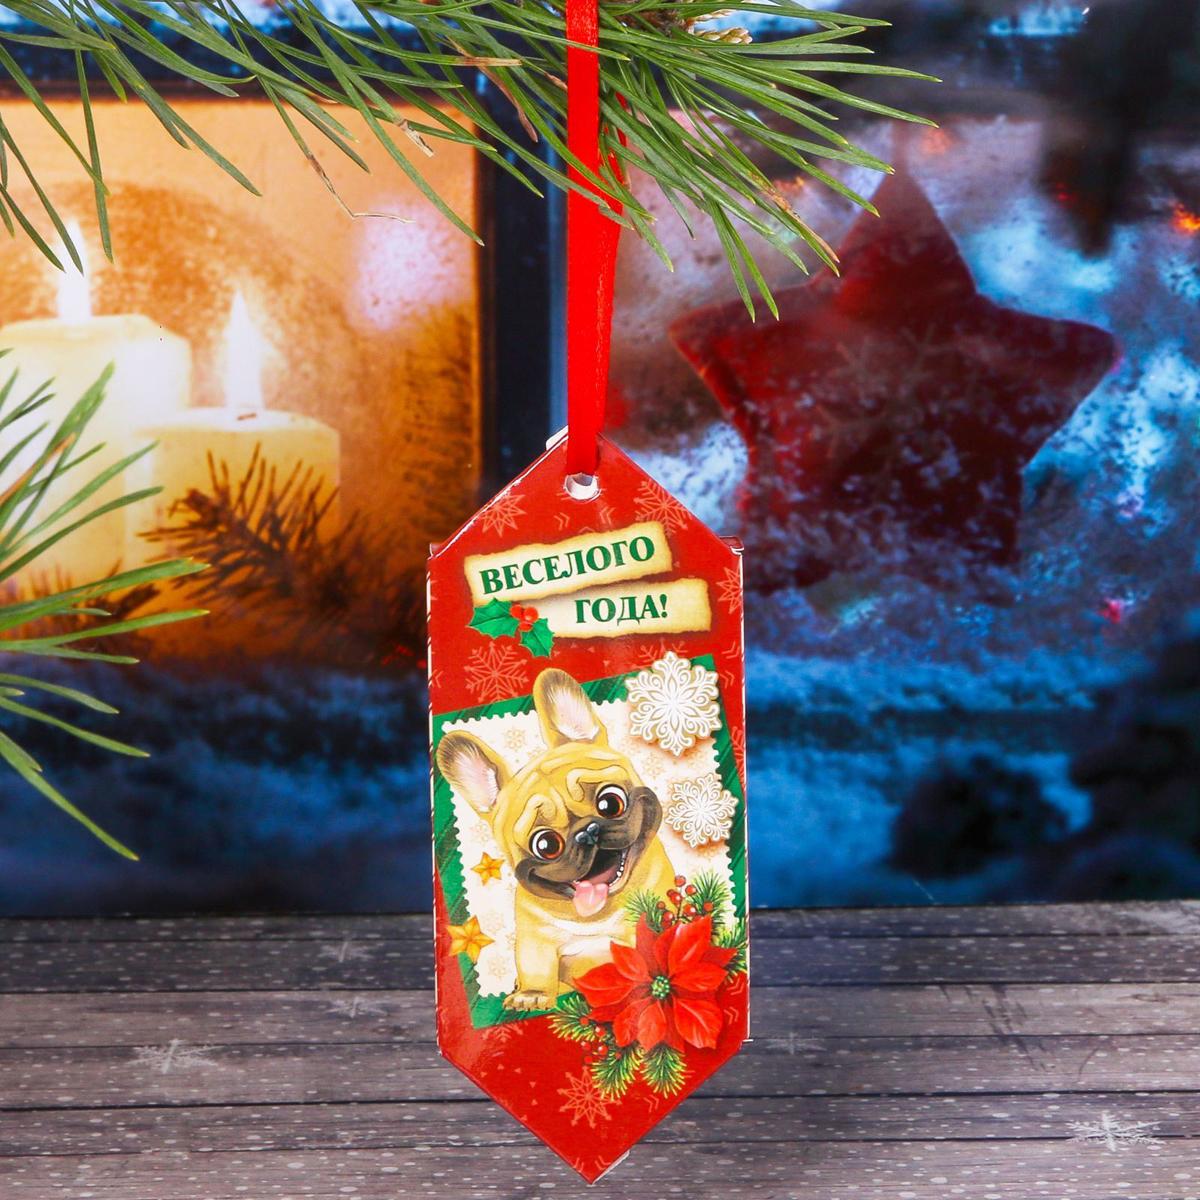 Украшение новогоднее подвесное Sima-land Веселого года, 14 см х 13 см, 6 шт sima land антистрессовая игрушка заяц хрустик 05 цвет красный